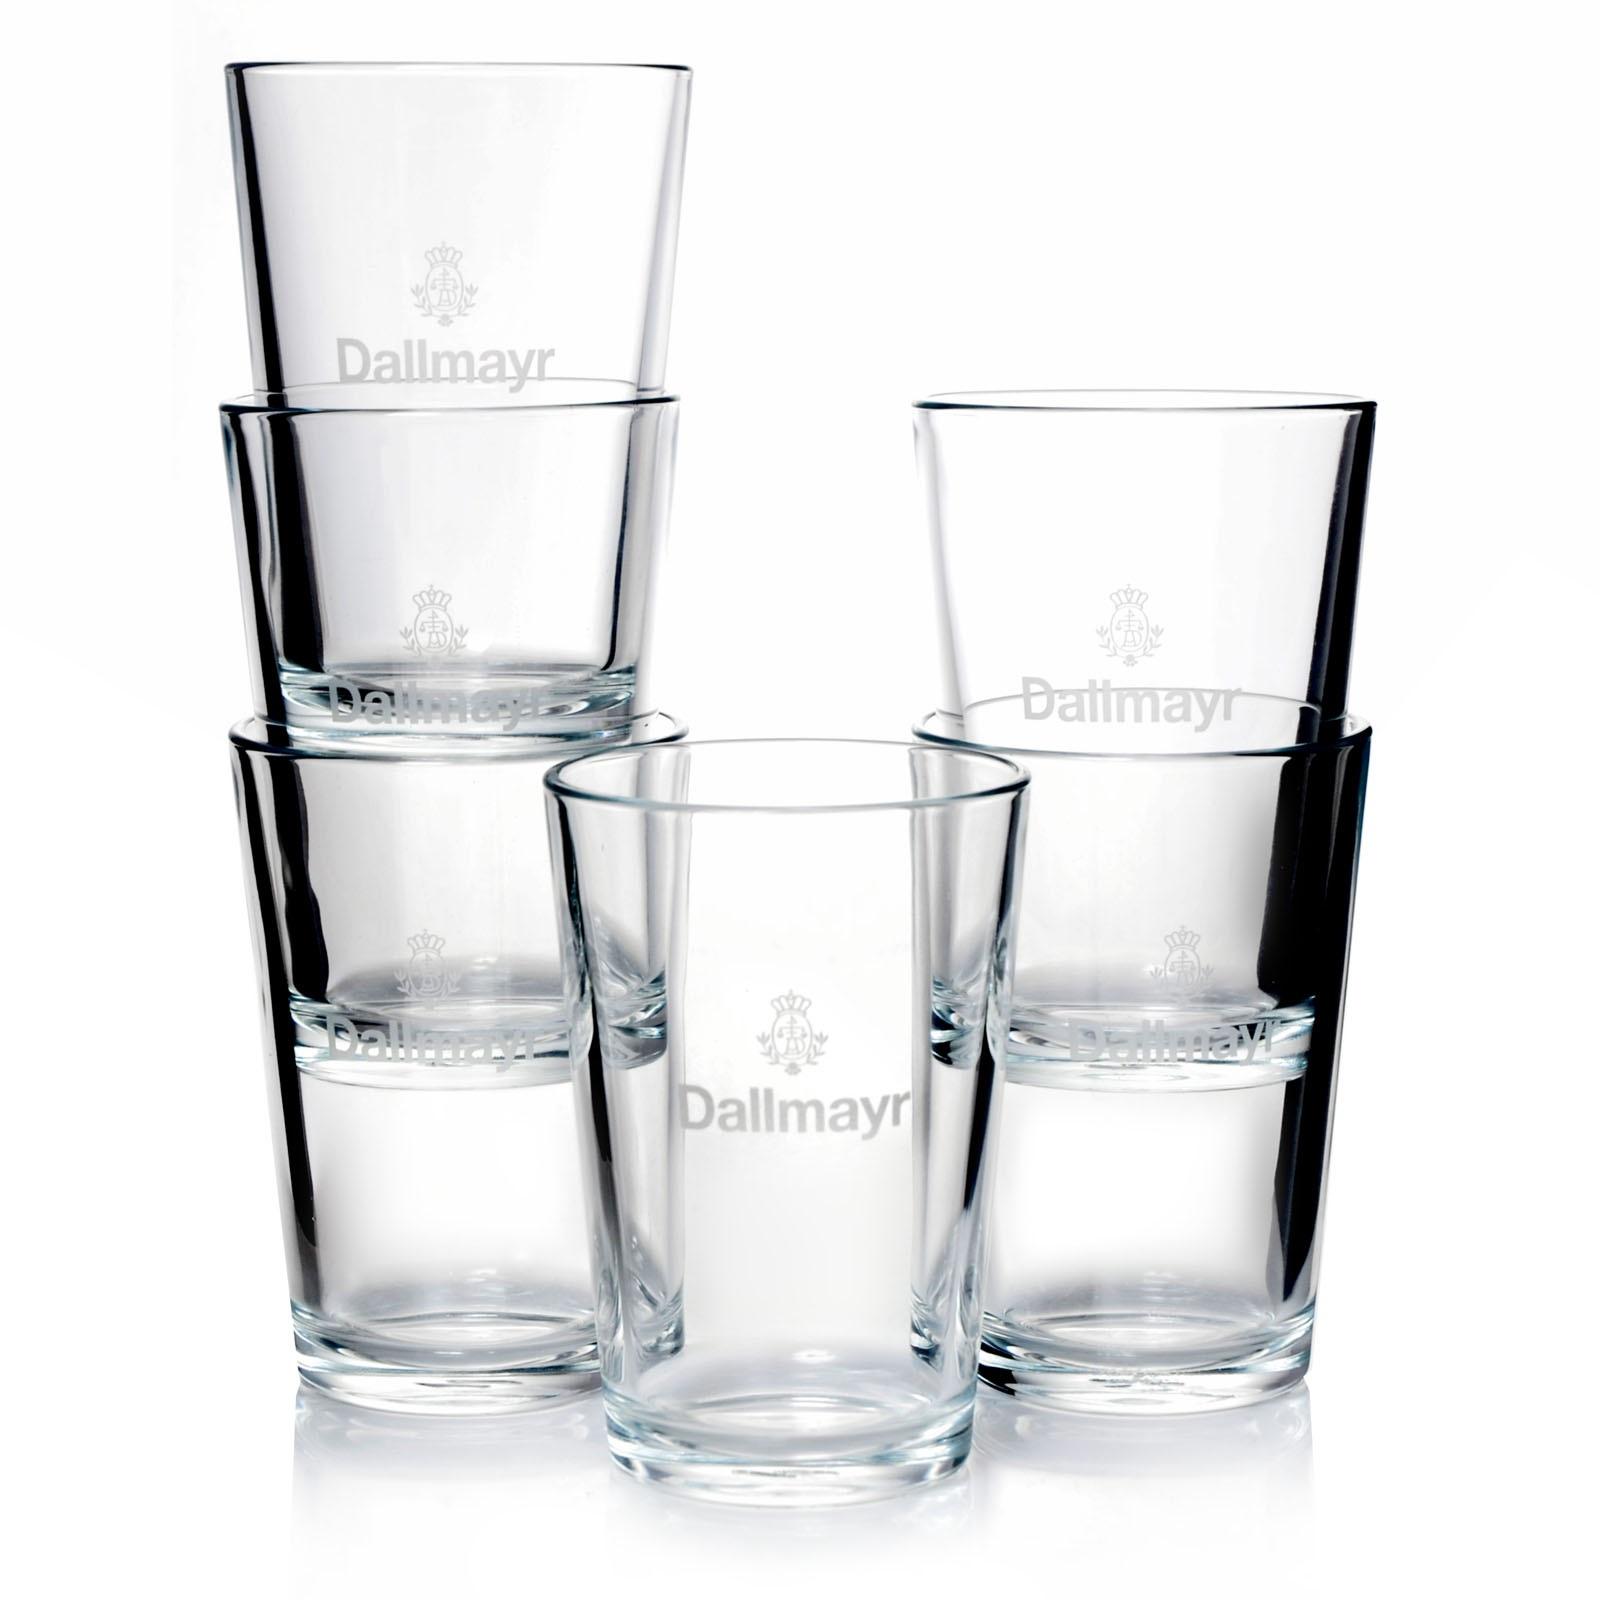 dallmayr wasserglas 0 2l kaffeegl ser nutzbar auch als latte macchiato gl ser sind edel im design. Black Bedroom Furniture Sets. Home Design Ideas